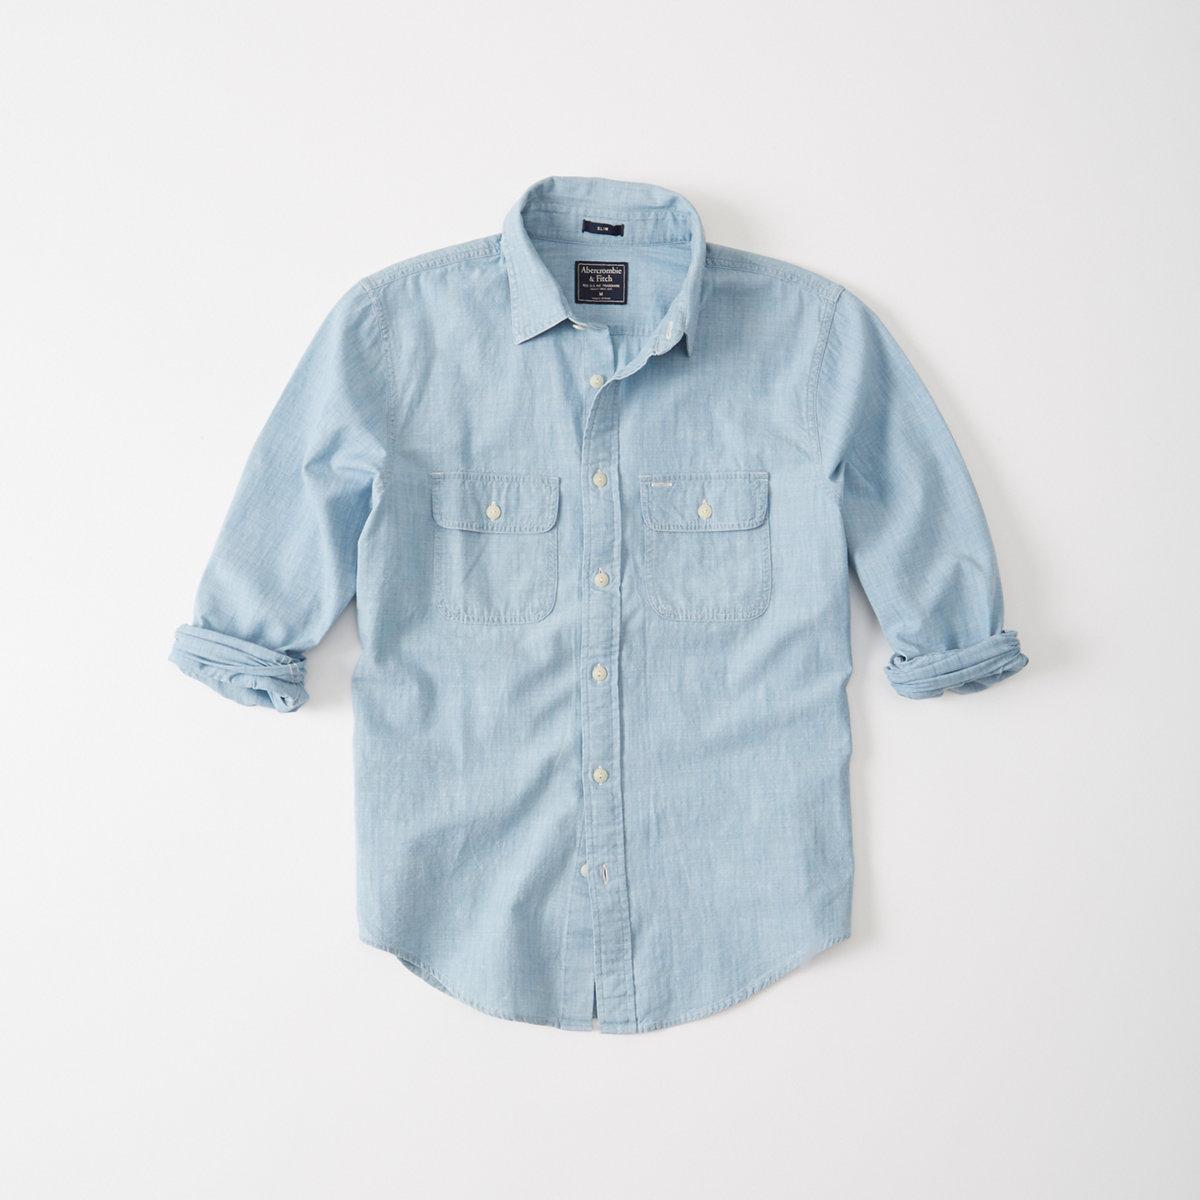 Two Pocket Chambray Shirt